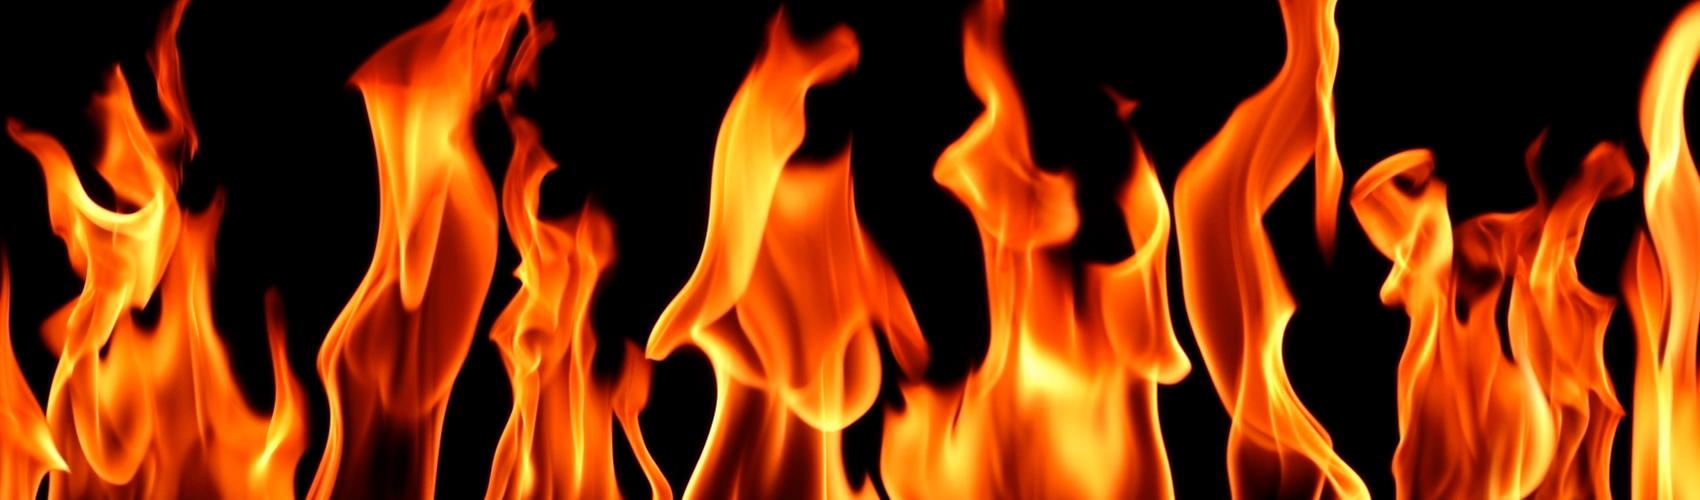 flame-ret-slide